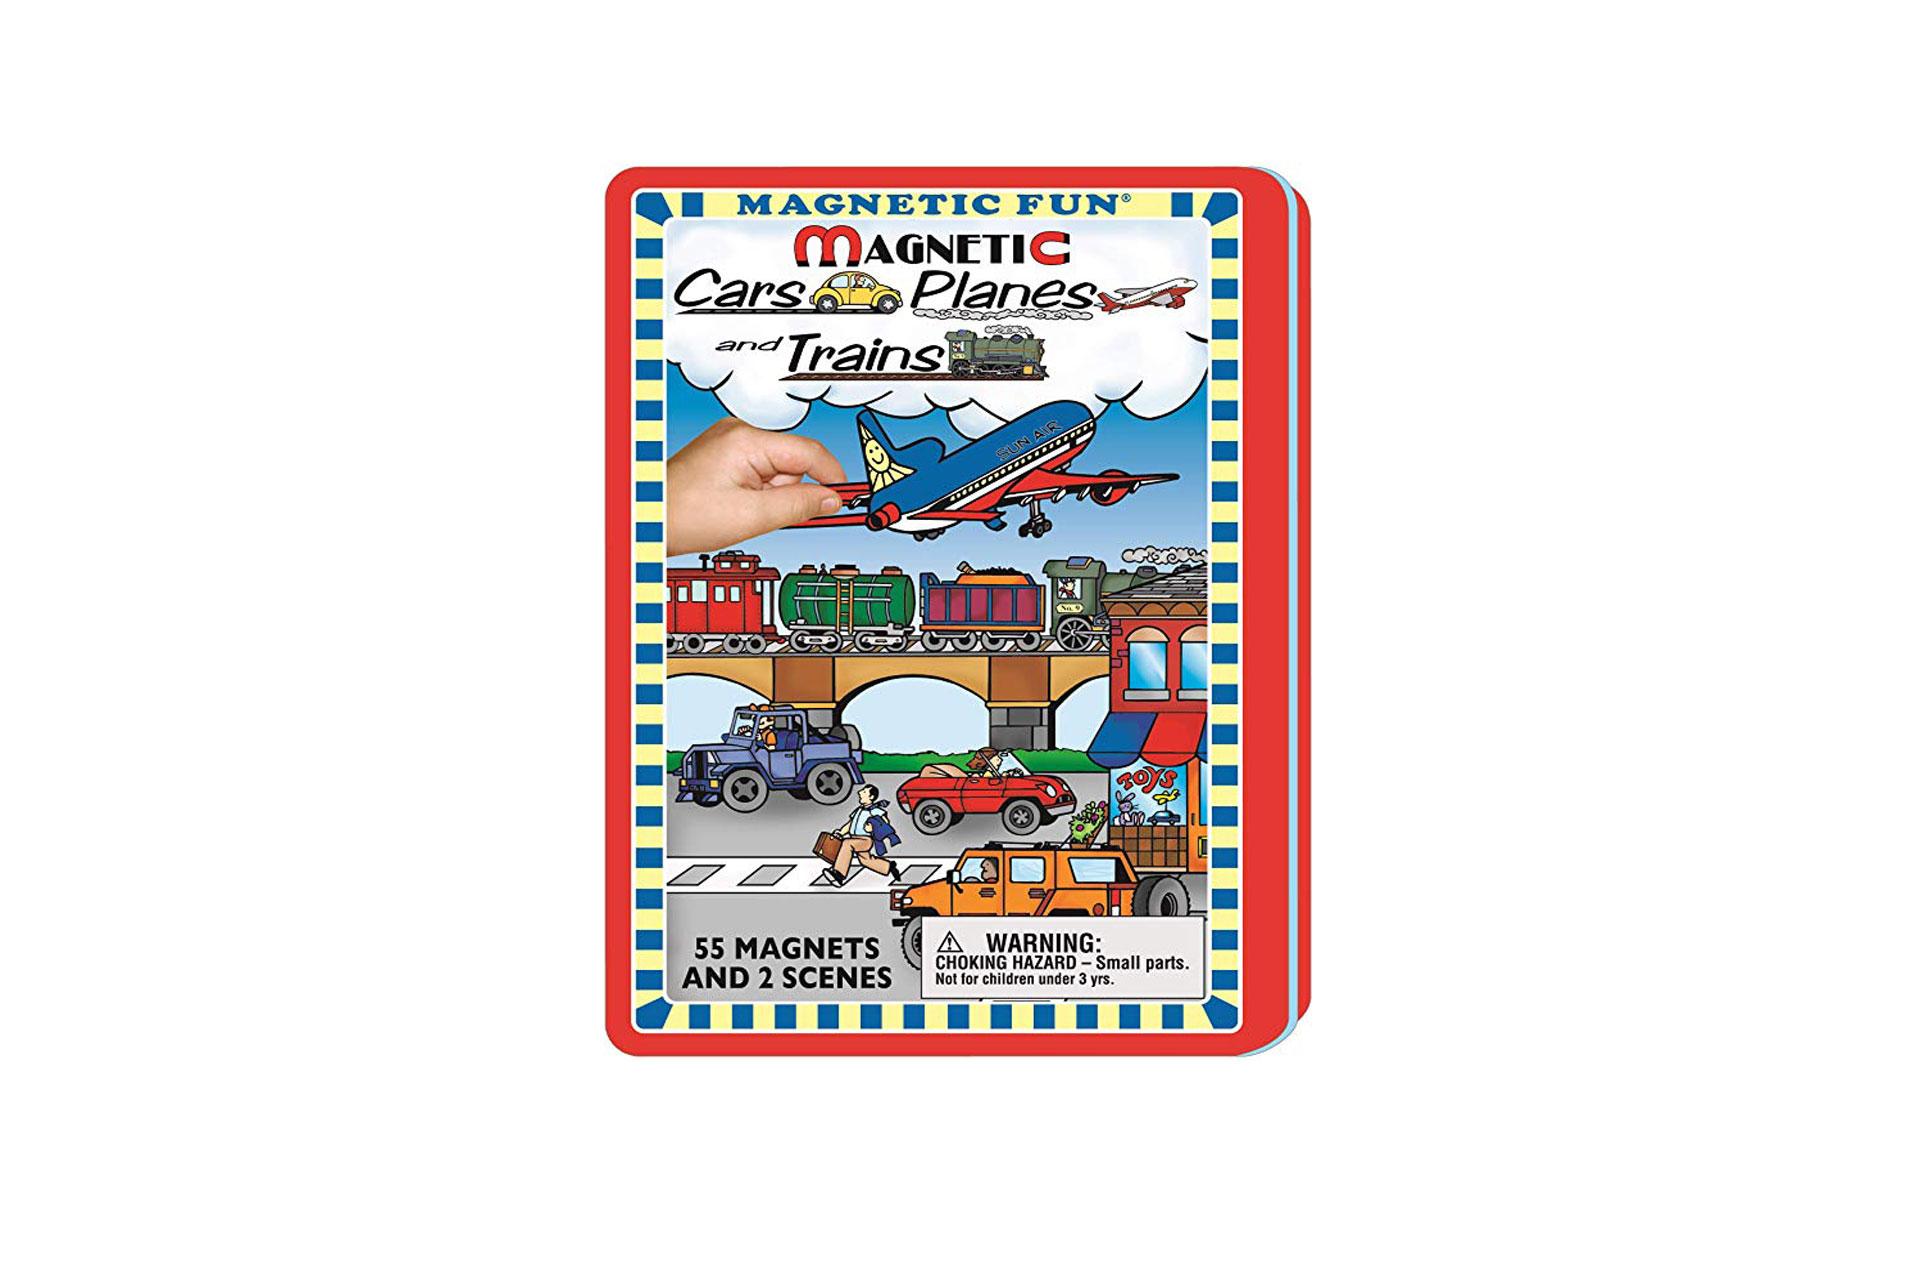 Magnet travel toy; Courtesy of Amazon